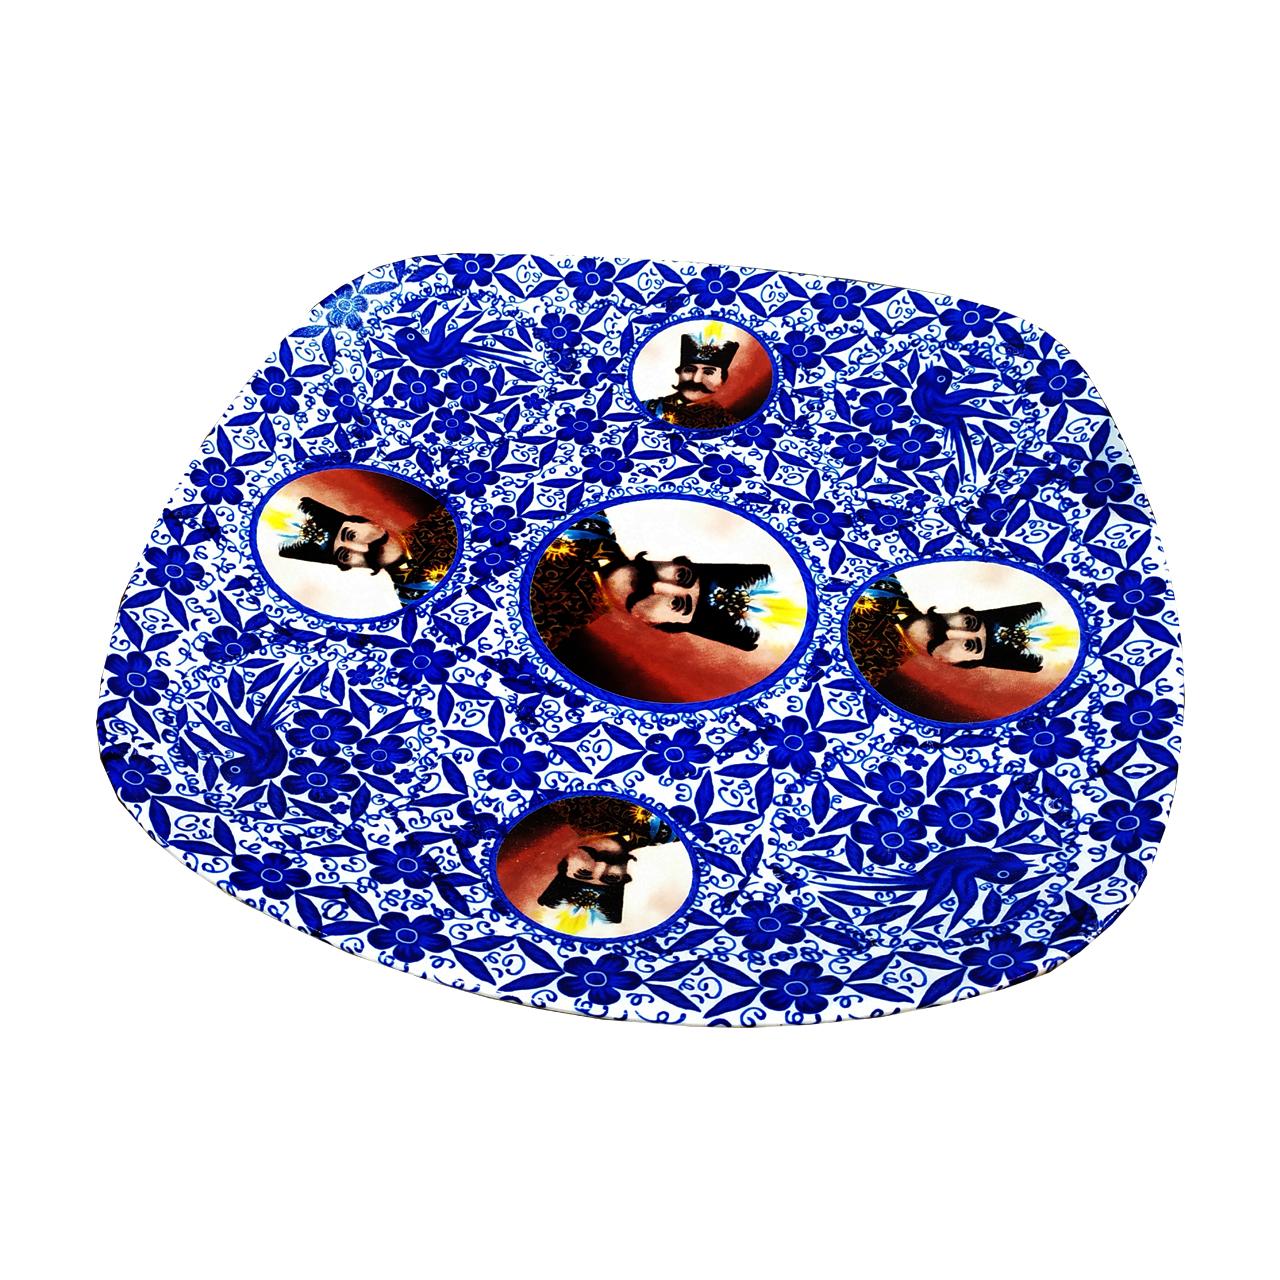 خرید                      ست کاسه و بشقاب چینی طرح قاجار کد 6548